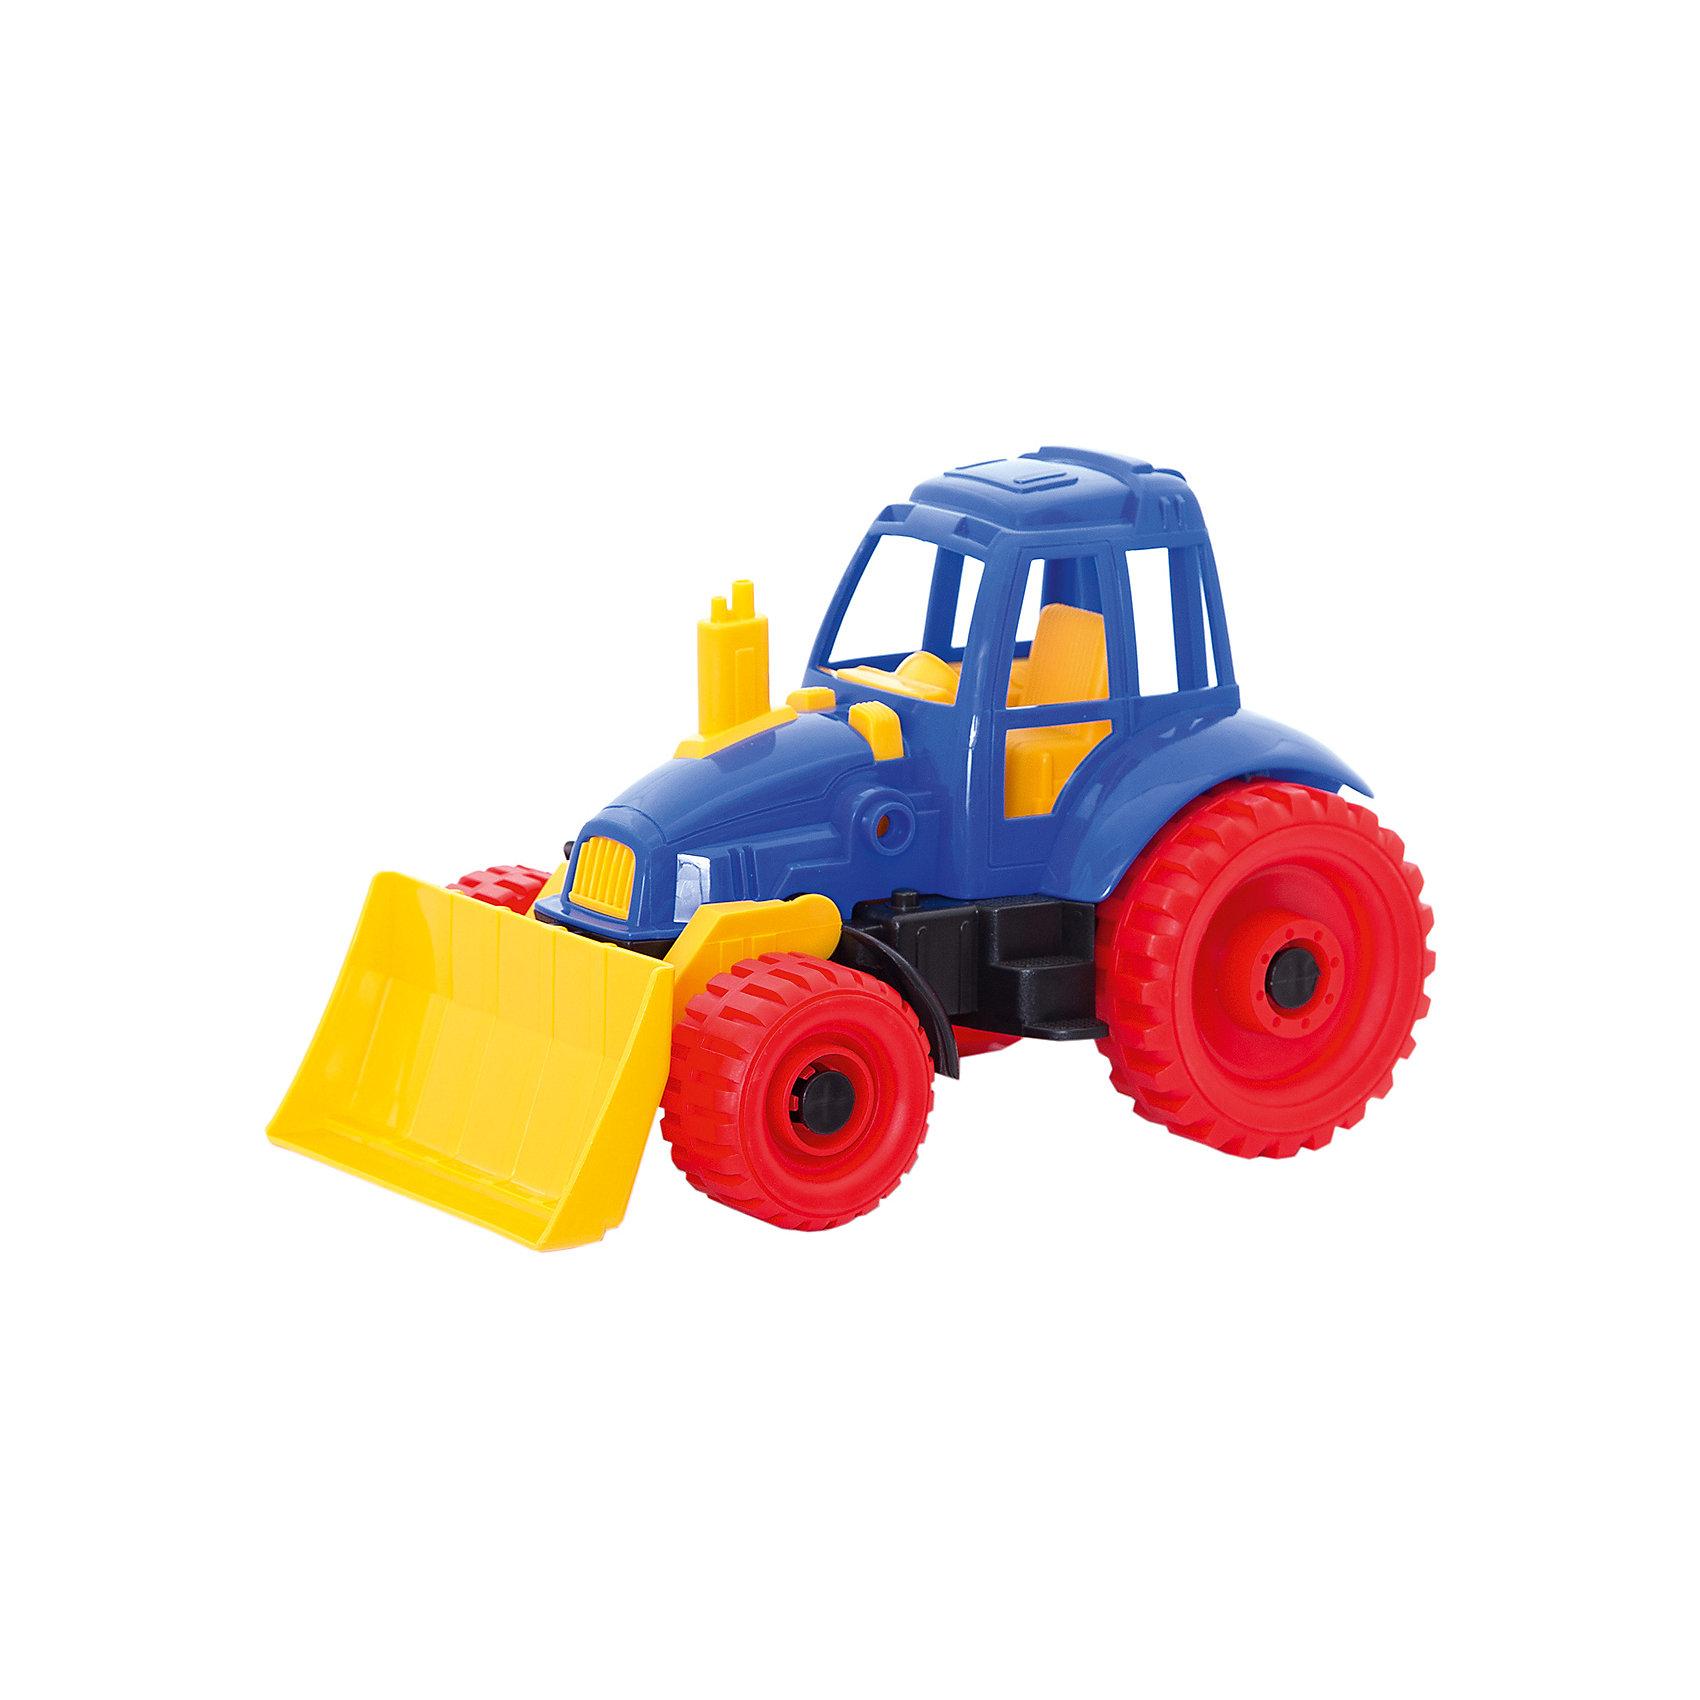 Трактор с грейдером, НордпластМашинки<br>Трактор с грейдером, Нордпласт – это пластмассовая машина, которой интересно будет играть вашему мальчику.<br>Надежный, крепкий и красочный трактор с грейдером и крутящимися колесами от компании Нордпласт отлично подойдет ребенку для различных игр дома, в детском саду или на прогулке. С помощью подвижного грейдера можно собирать песок и производить уборку песочницы или улиц. Кабина с сидением открытая, поэтому в ней можно разместить маленькую фигурку водителя. У трактора впереди - два маленьких, сзади - два больших колеса, которые никогда не увязнут в песке. На переднем и заднем бампере трактора расположены отверстия, к которым можно прикрепить прицеп или тросик для буксировки. Игрушка изготовлена из высококачественной пищевой пластмассы, без трещин и заусениц, поэтому во время эксплуатации выдержит многие детские шалости. Она покрыта нетоксичной краской, не облупливающейся и не выгорающей на солнце. Товар соответствует требованиям стандарта для детских игрушек и имеет сертификат качества.<br><br>Дополнительная информация:<br><br>- Материал: высококачественная пластмасса<br>- Размер: 17,5х16,5х27,5 см.<br>- Вес: 420 гр.<br><br>Трактор с грейдером, Нордпласт можно купить в нашем интернет-магазине.<br><br>Ширина мм: 280<br>Глубина мм: 170<br>Высота мм: 180<br>Вес г: 420<br>Возраст от месяцев: 24<br>Возраст до месяцев: 60<br>Пол: Мужской<br>Возраст: Детский<br>SKU: 4060316